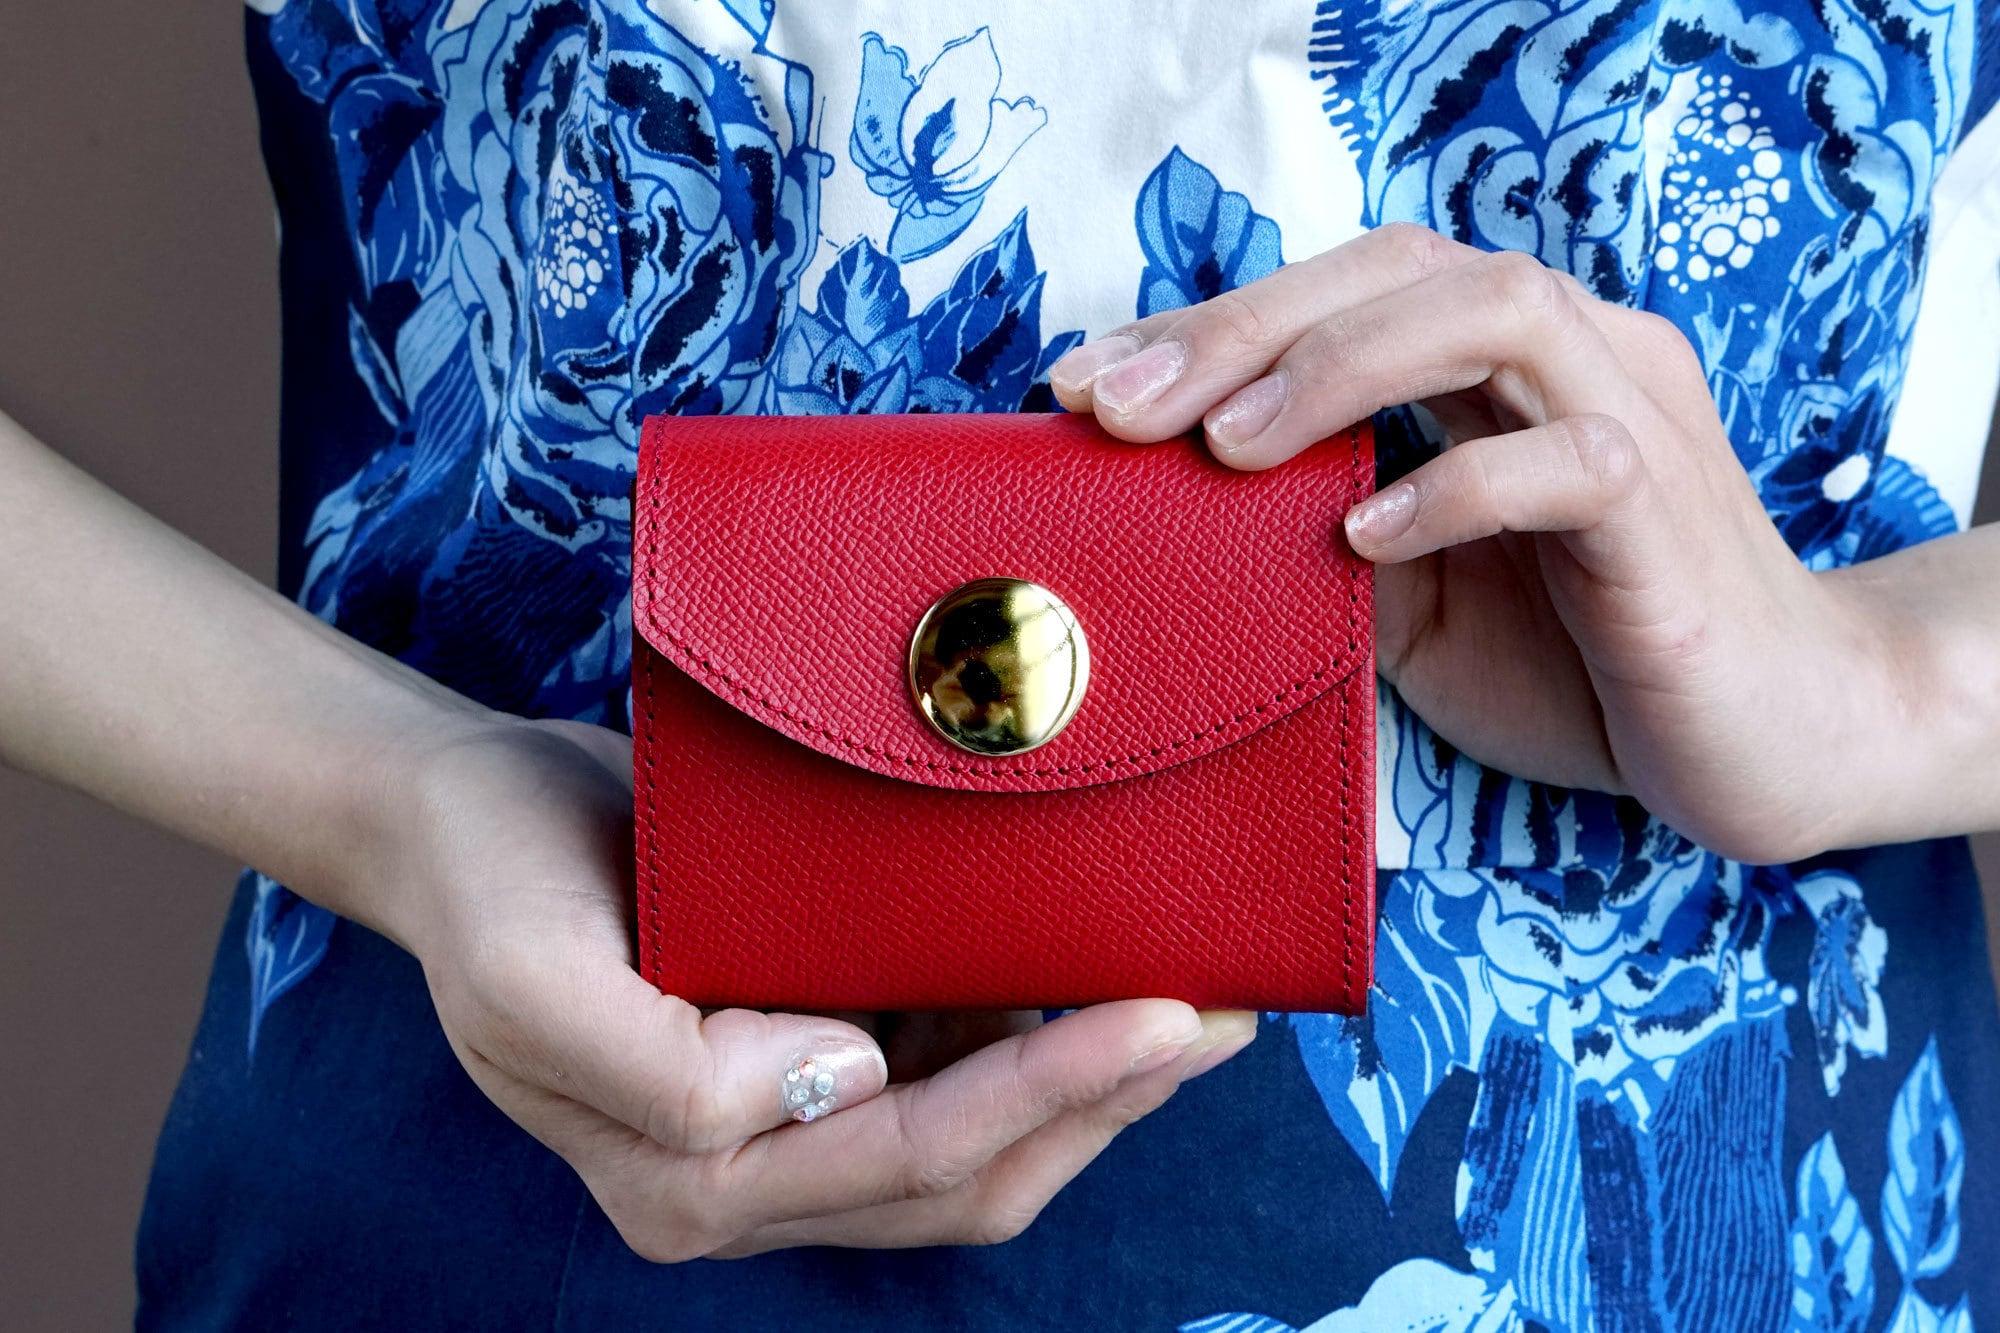 身軽にキメたい時のコンパクト財布|ビッグボタン型/パーティーレザー・レッド